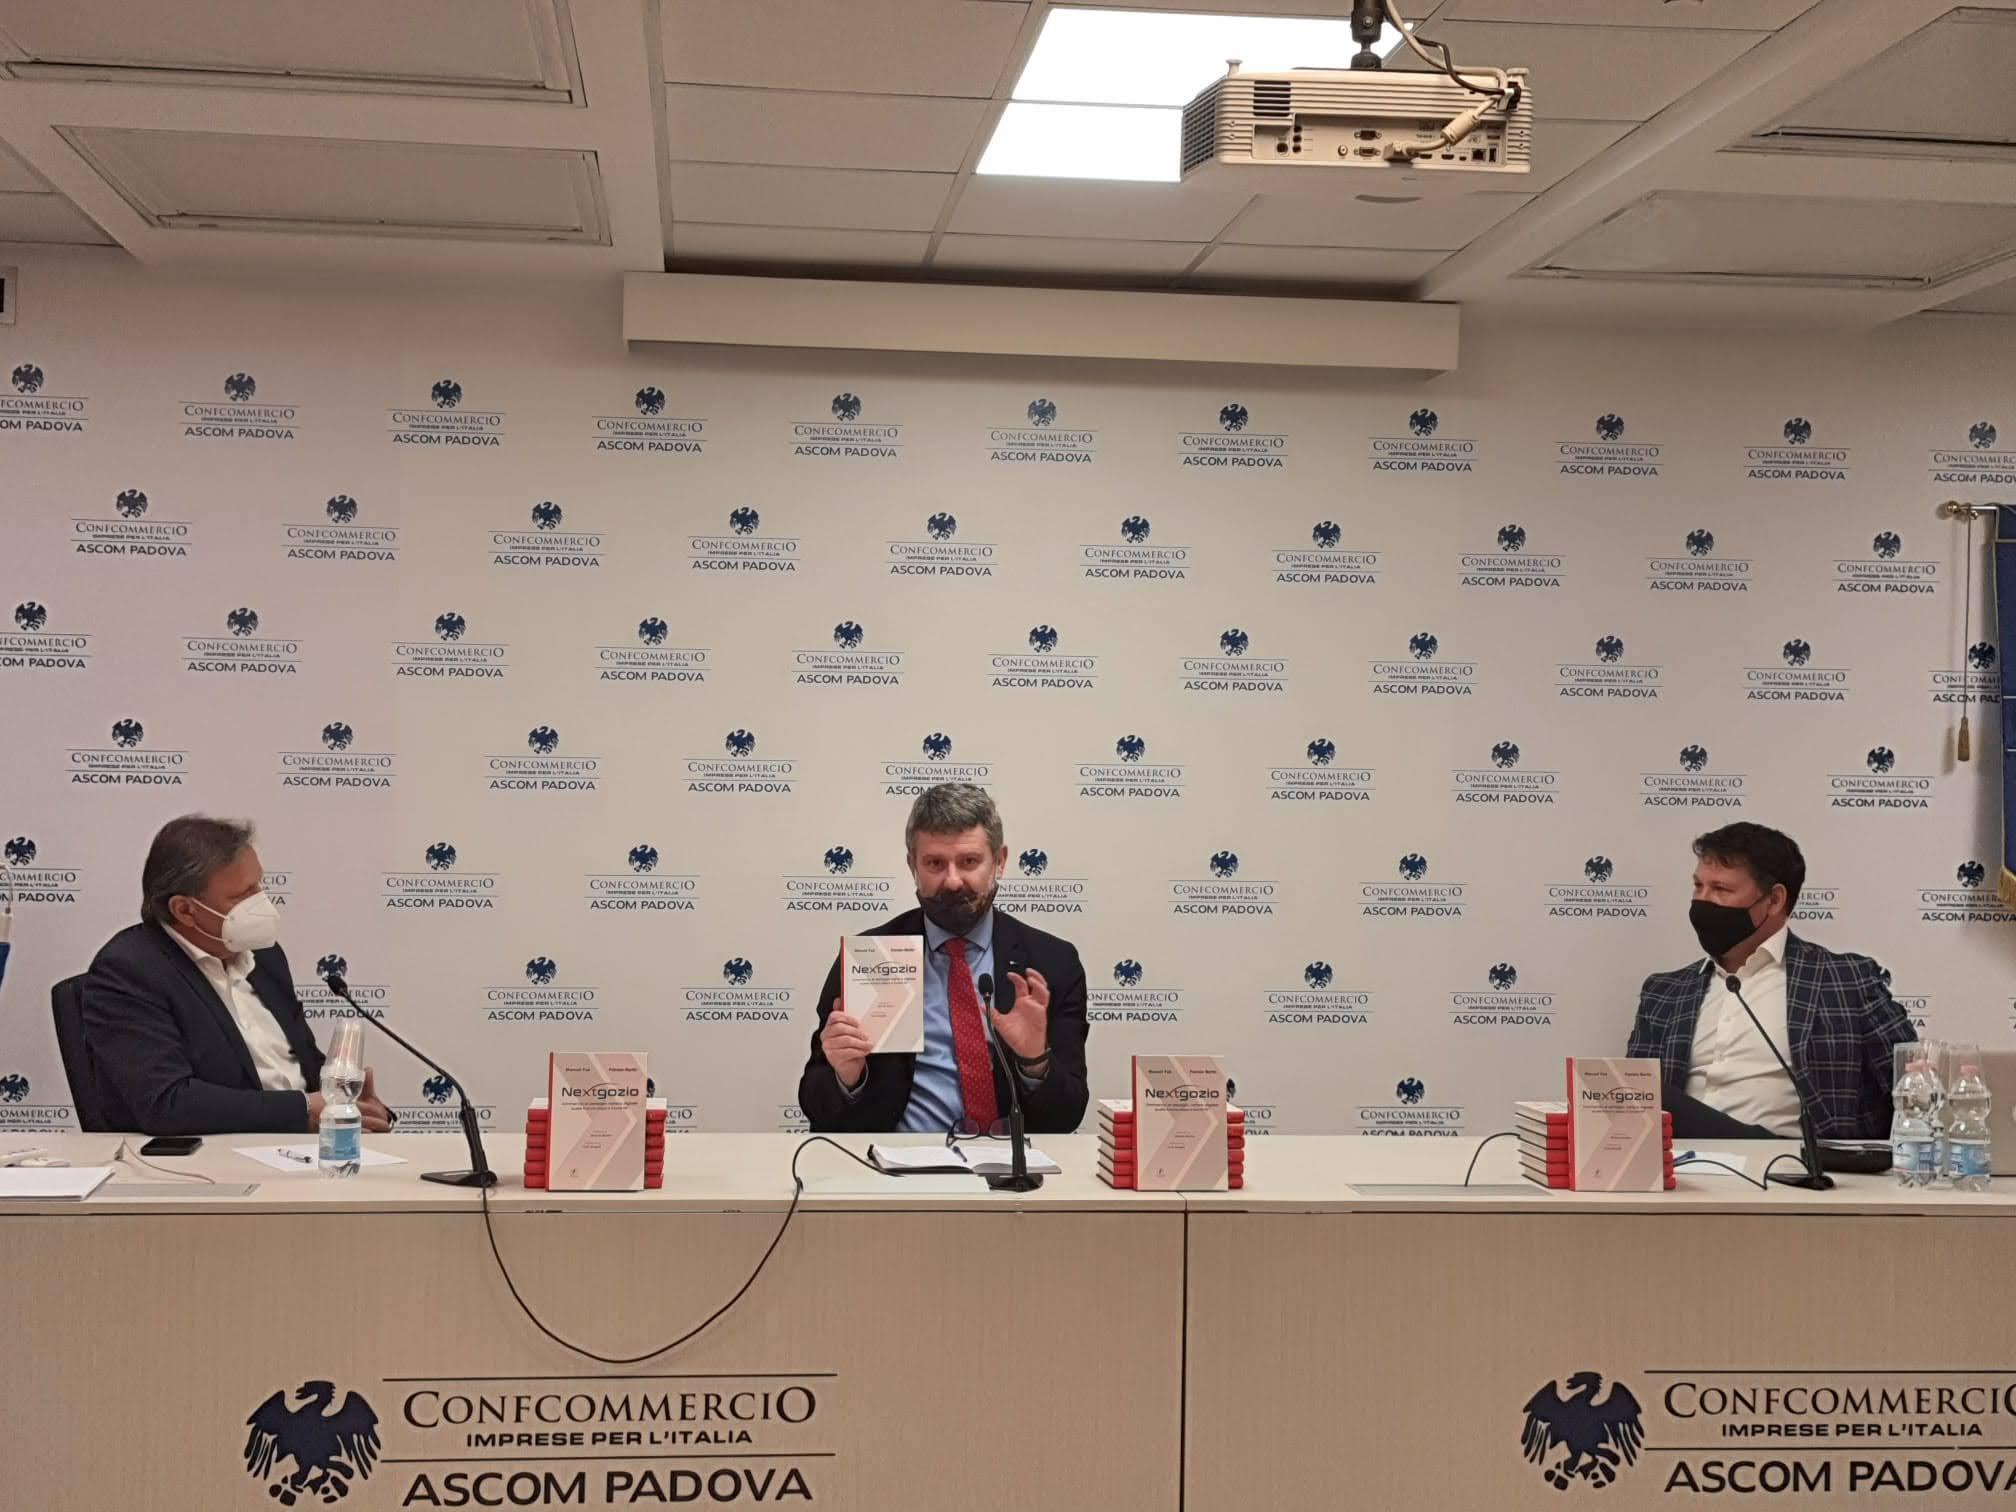 Manuel Faè Paolo Gubitta Patrizio Bertin Libro Nextgozio presentazione